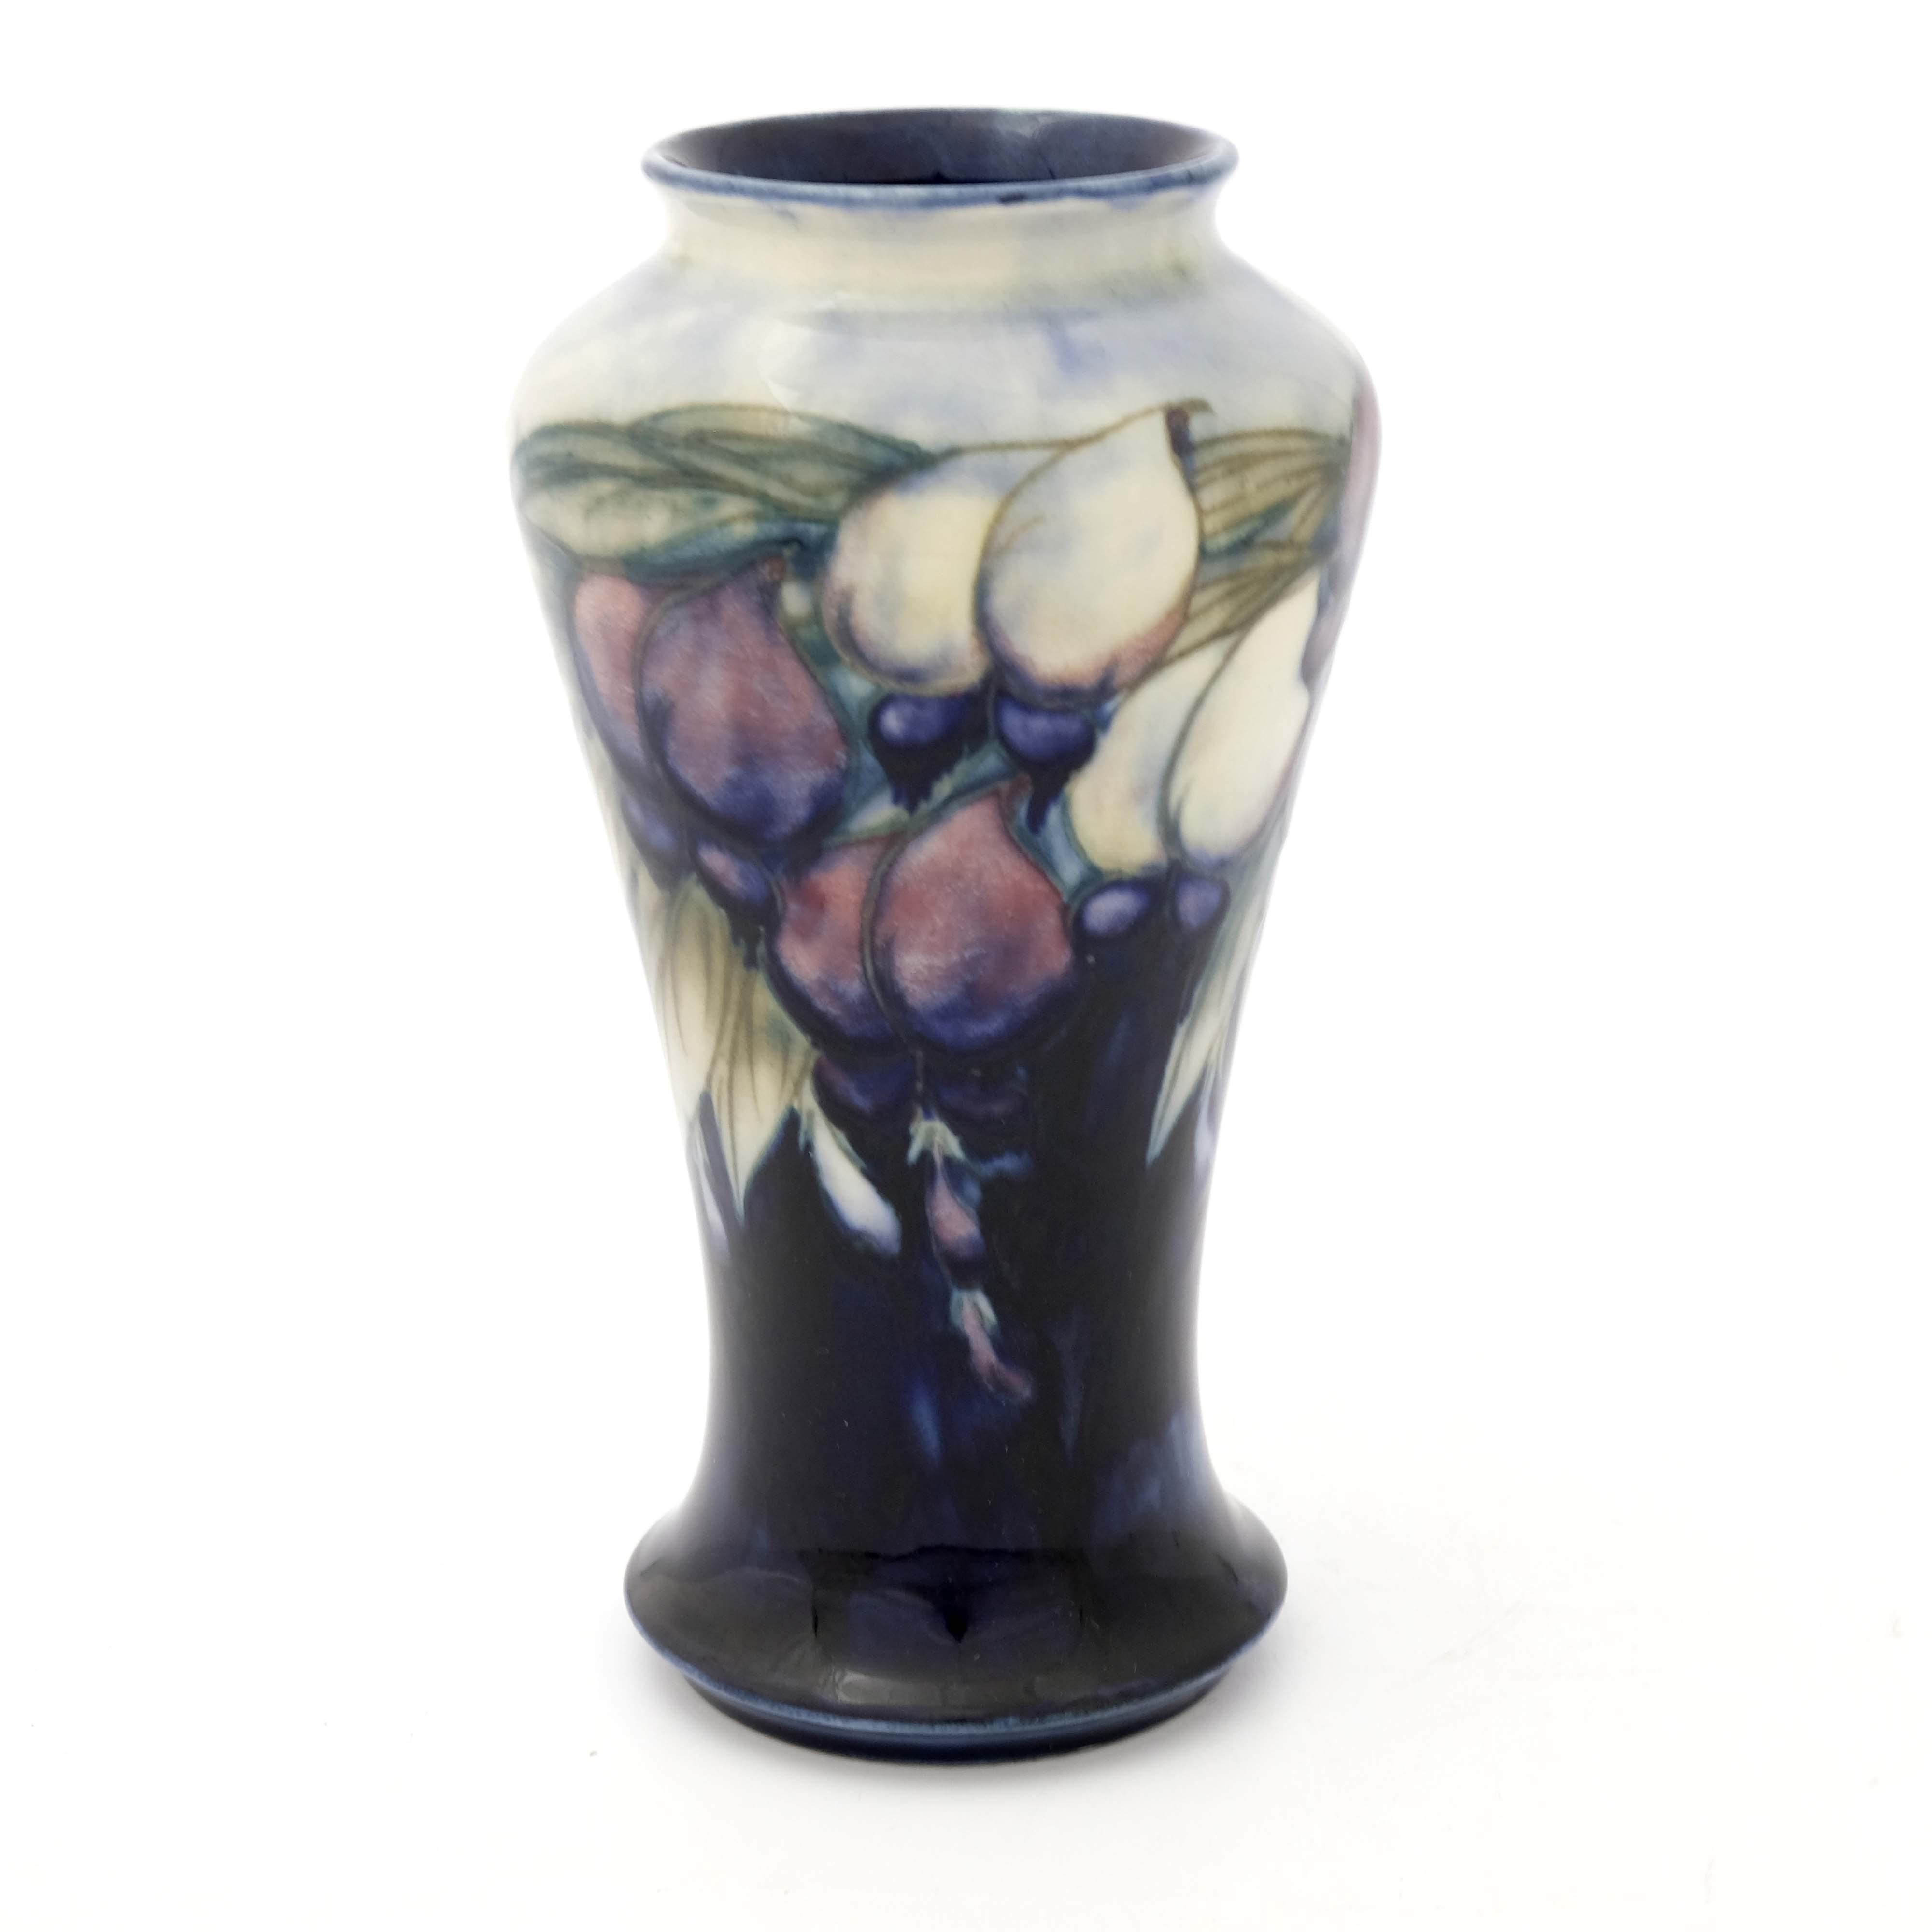 William Moorcroft, a Wisteria vase